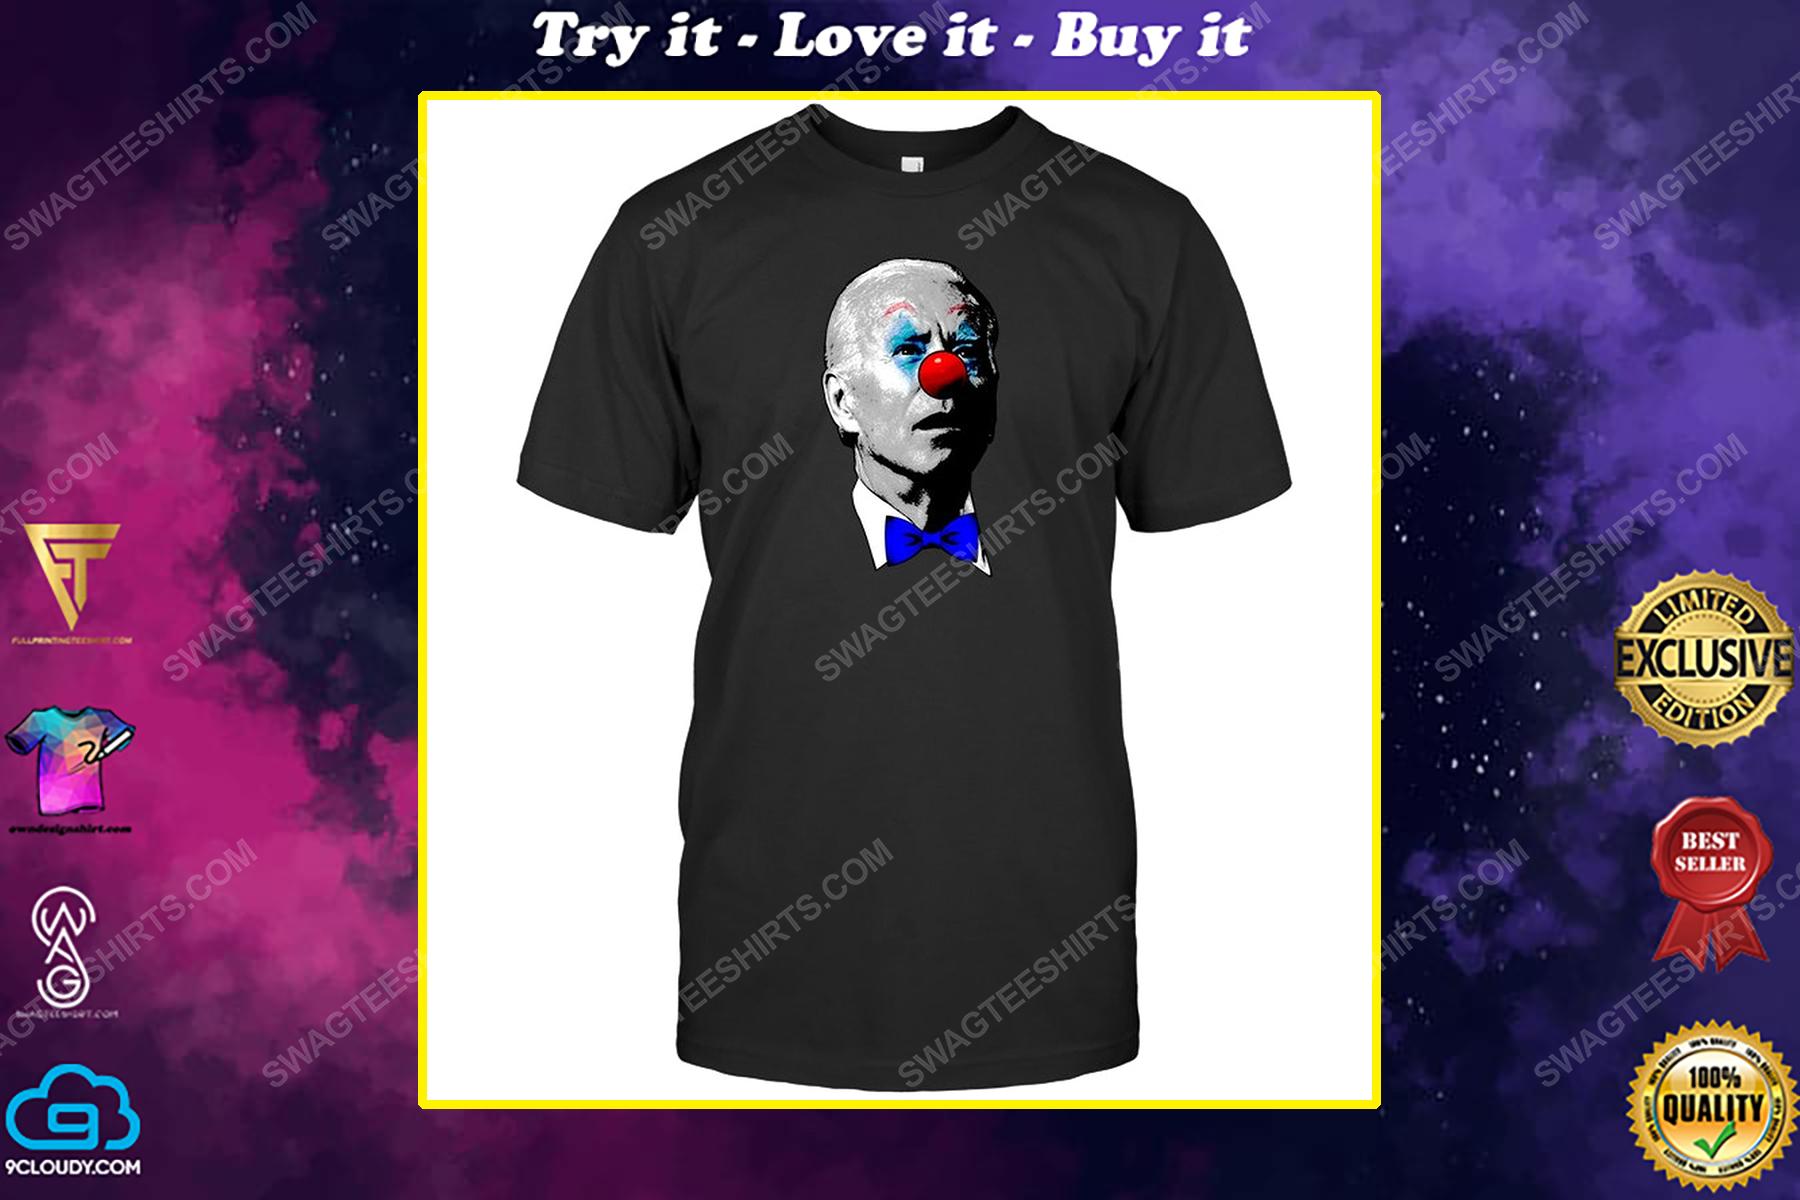 Joe biden clown face political shirt